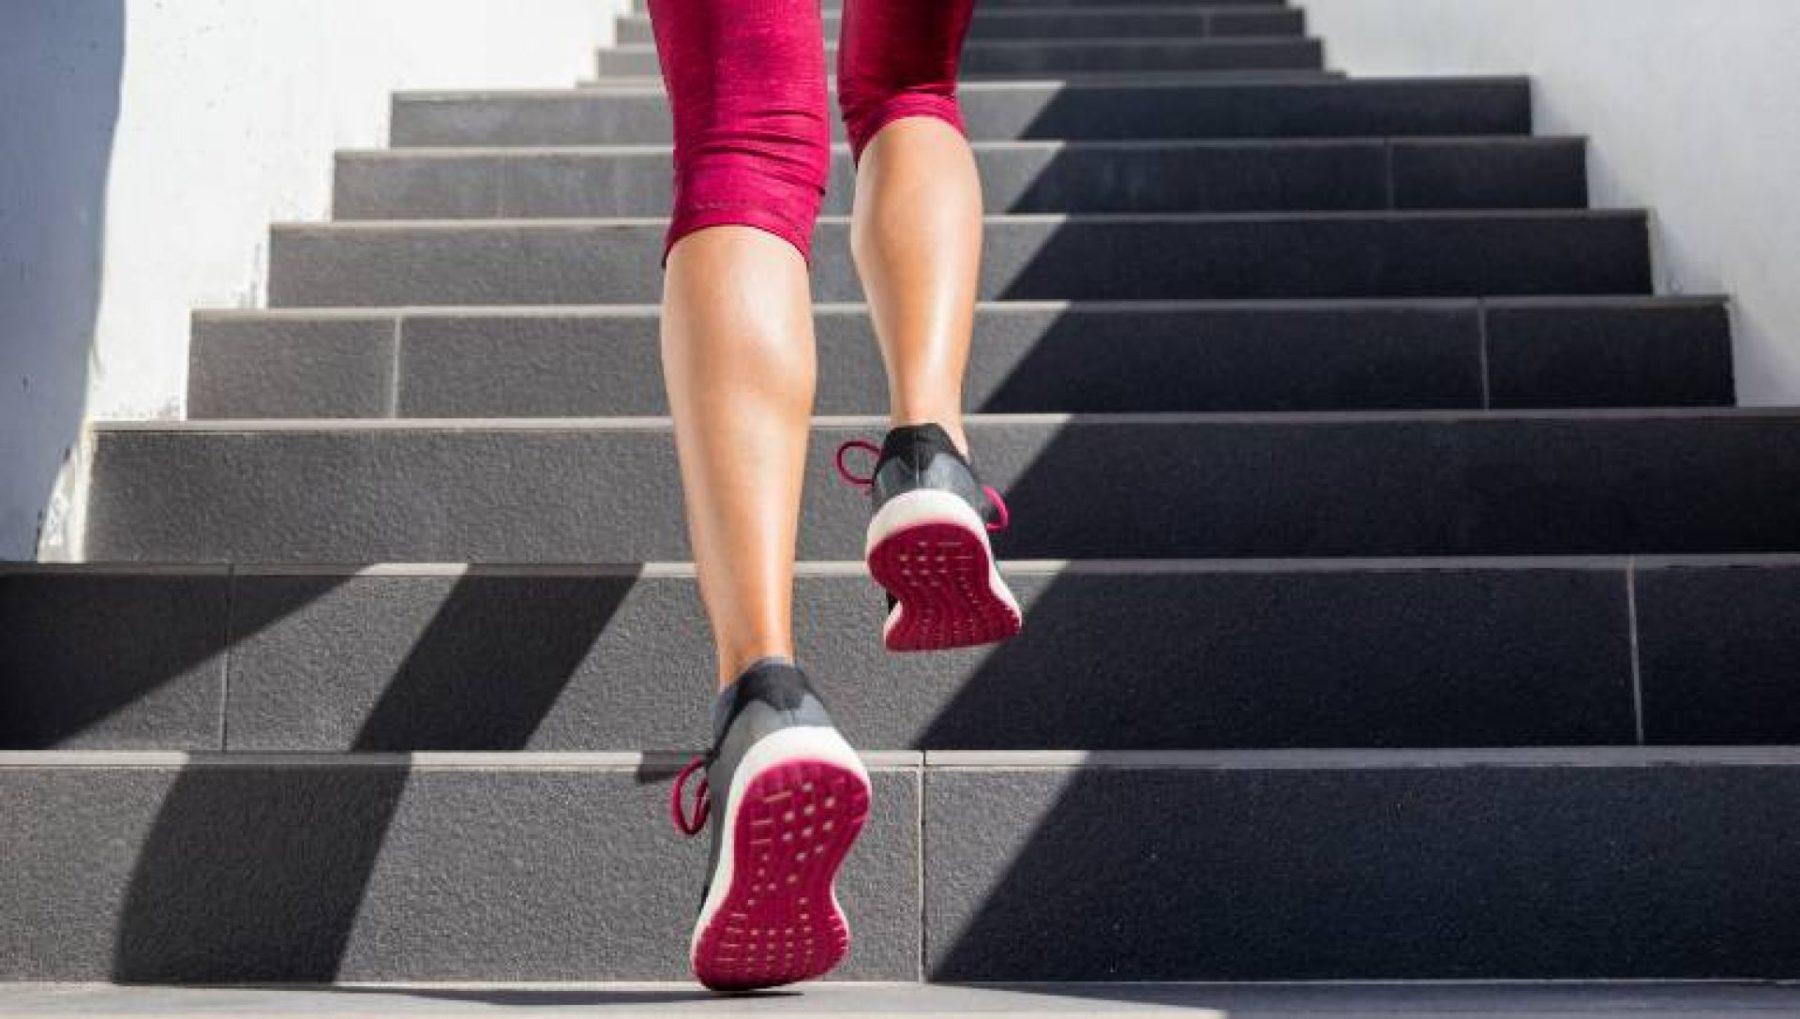 Οι σκάλες μπορούν να σώσουν την καρδιά μας – Δείτε γιατί